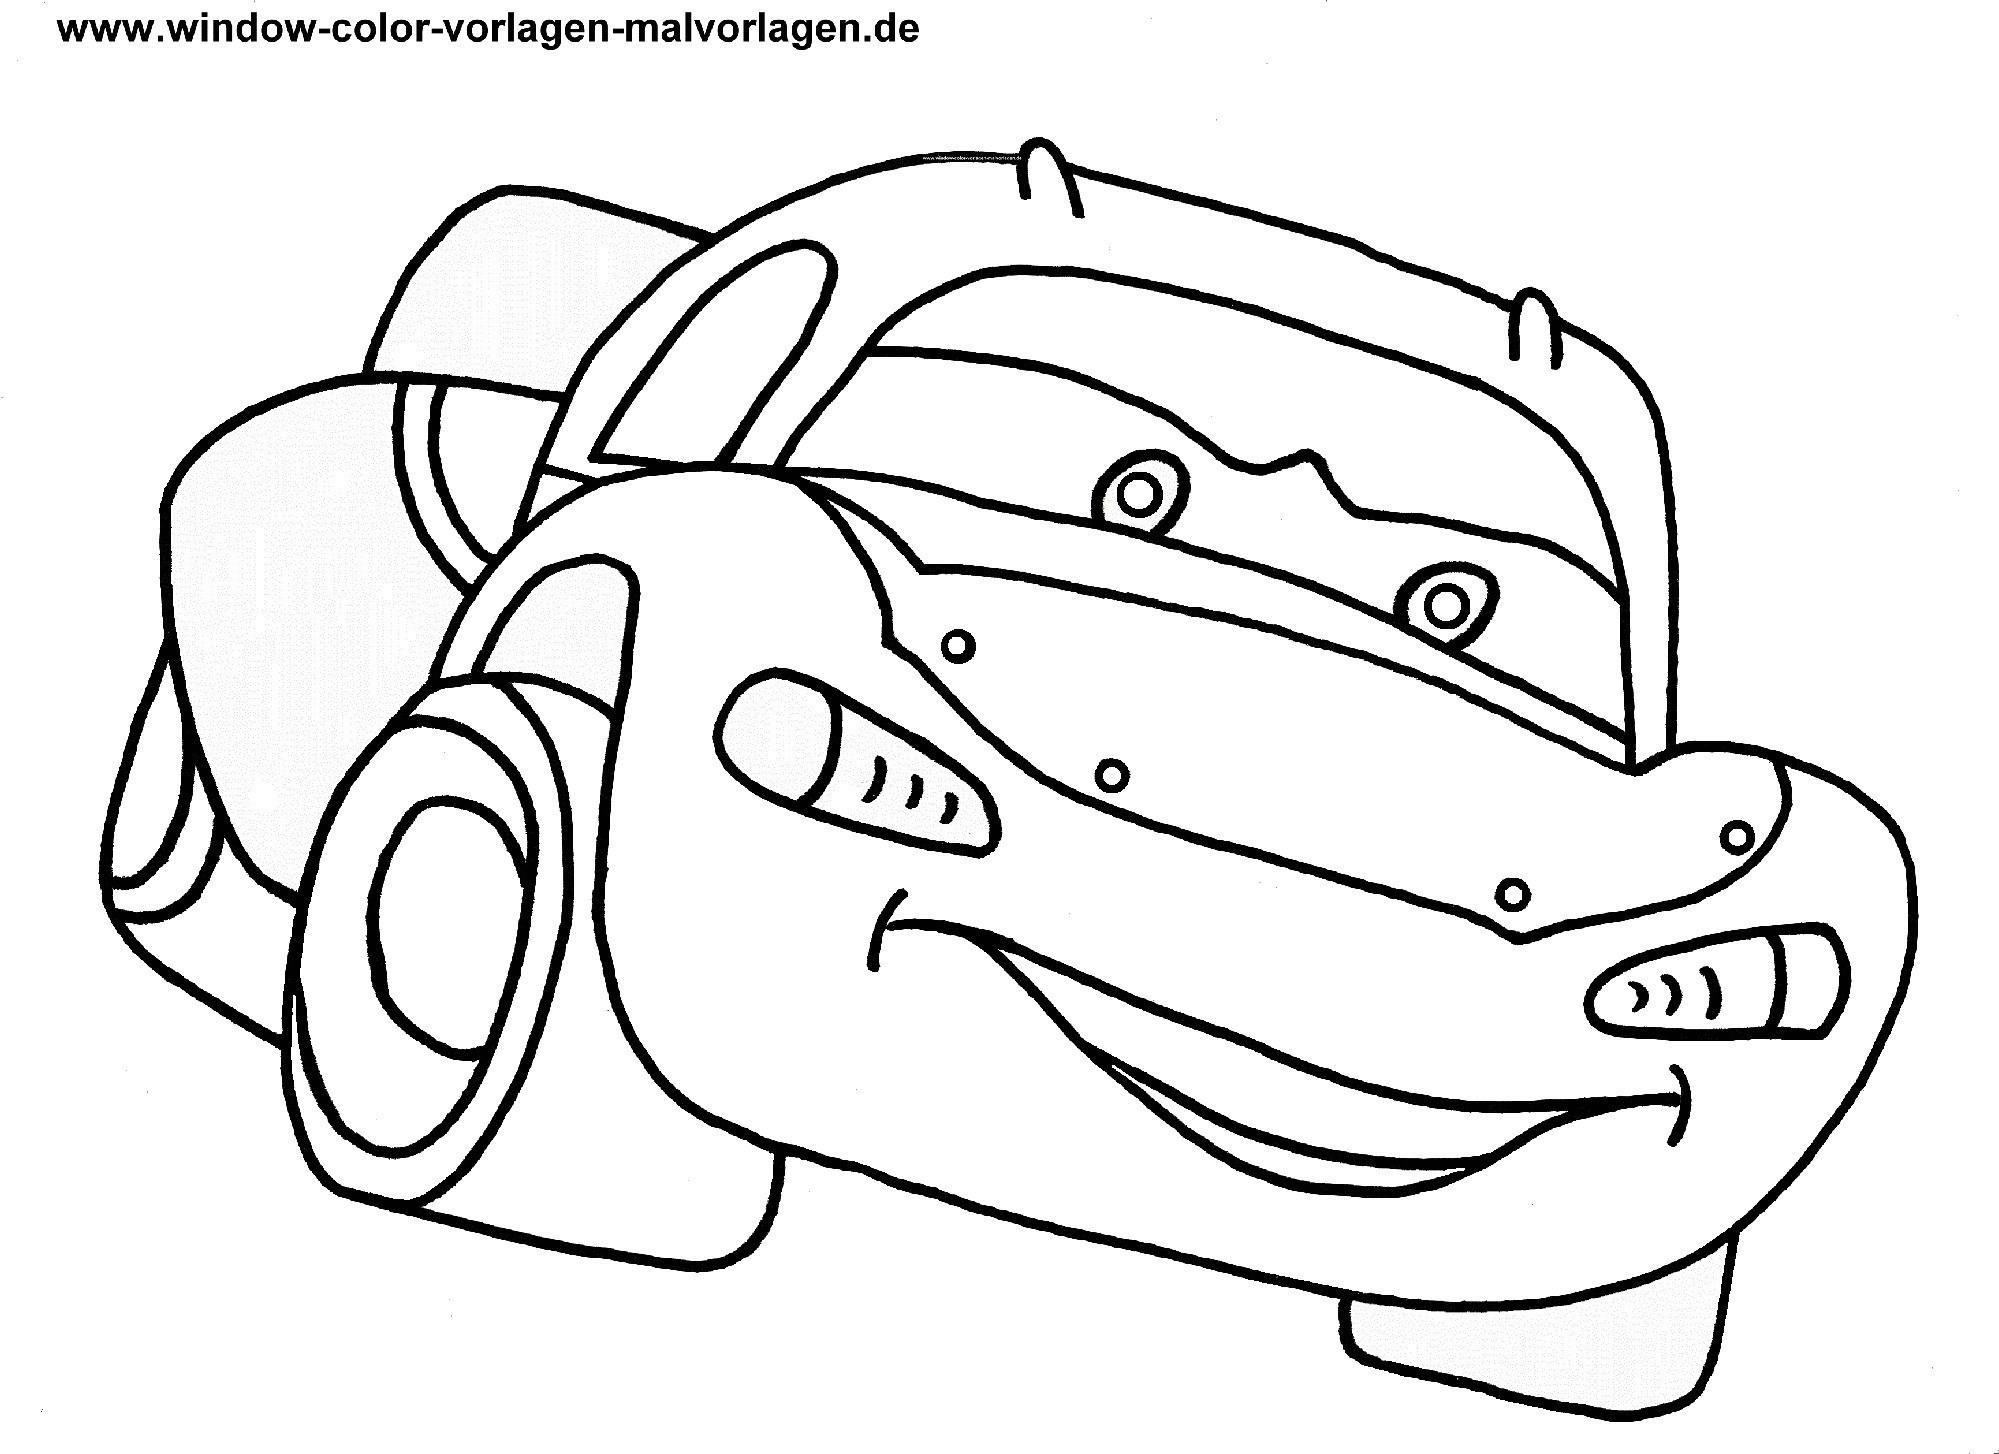 Sportwagen Zum Ausmalen Das Beste Von 45 Neu Ausmalbilder Cars Kostenlos Beste Malvorlage Stock